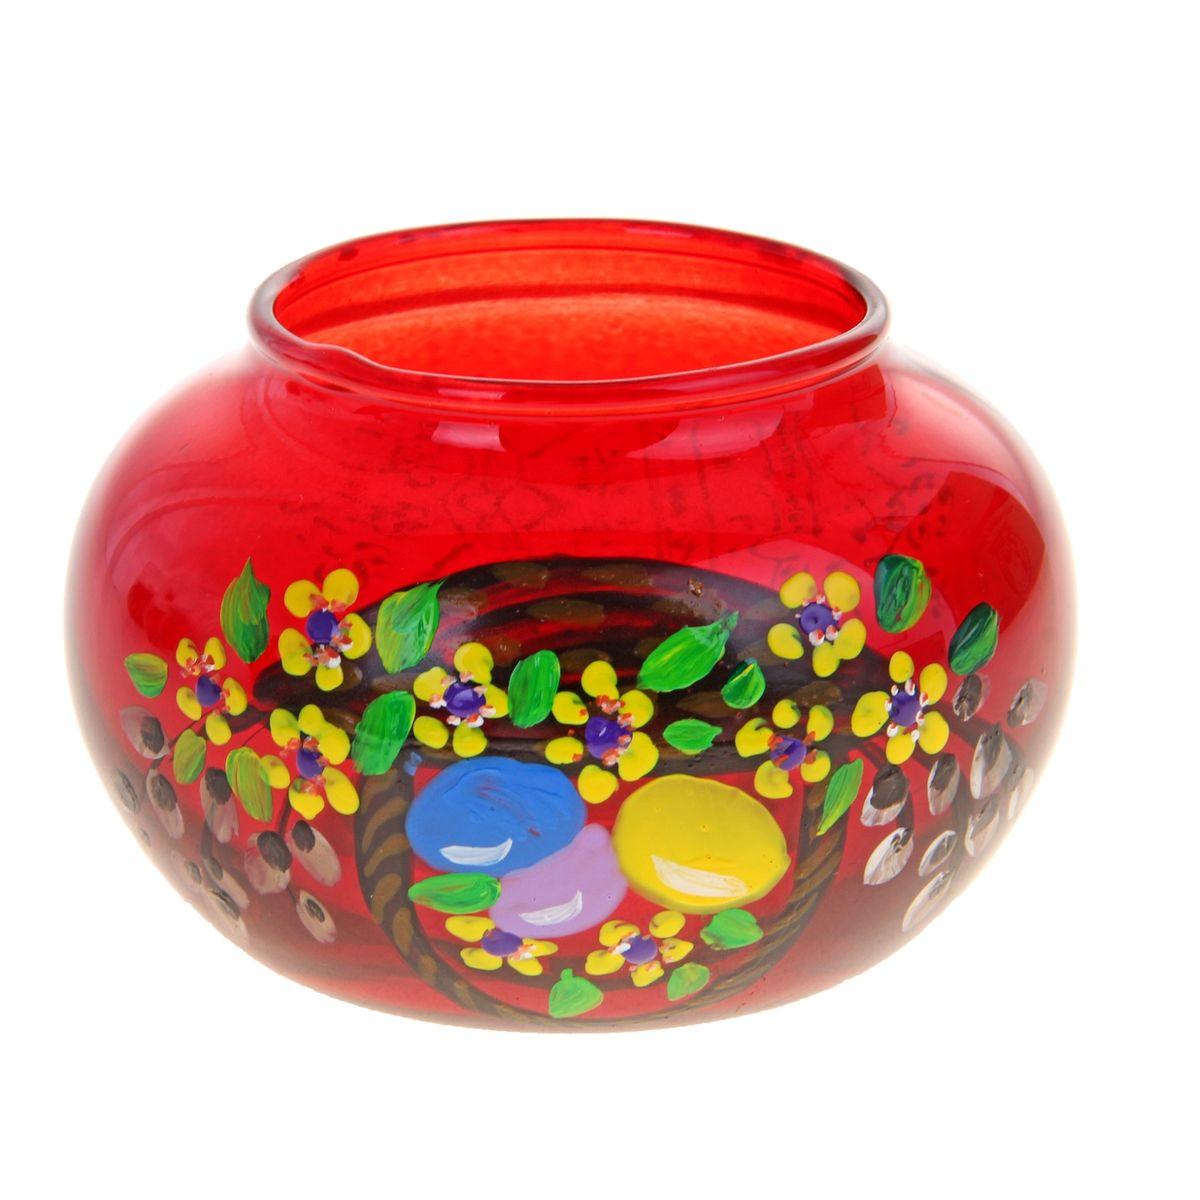 Подсвечник Sima-land Пасха-2, цвет: красный196294Подсвечник Sima-land Пасха-2 идеально подойдет для праздничного оформления дома. Подсвечник выполнен из стекла красного цвета и украшен пасхальным рисунком. В центр изделия помещается свеча-таблетка (не входит в комплект). Зажгите свечку, поставьте ее в подсвечник и наслаждайтесь теплом, которое наполнит ваше сердце. Пасхальный декоративный подсвечник украсит интерьер вашего дома. Оригинальный дизайн и красочное исполнение создадут праздничное настроение. Кроме того, это отличный вариант подарка для ваших близких и друзей. Высота подсвечника: 6 см. Диаметр отверстия для свечи: 5,5 см.